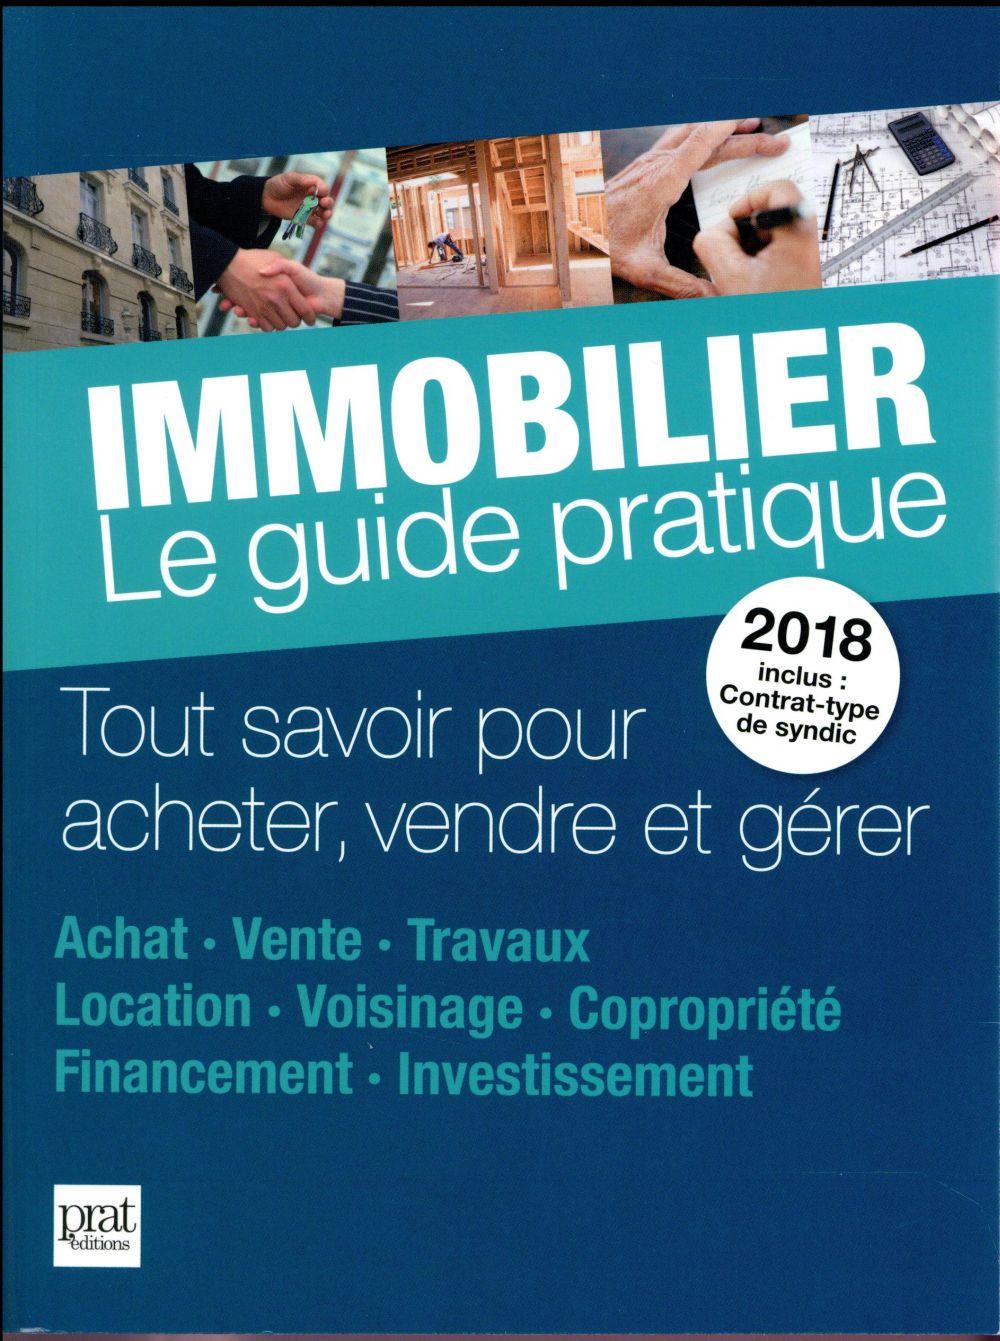 IMMOBILIER LE GUIDE PRATIQUE 2018